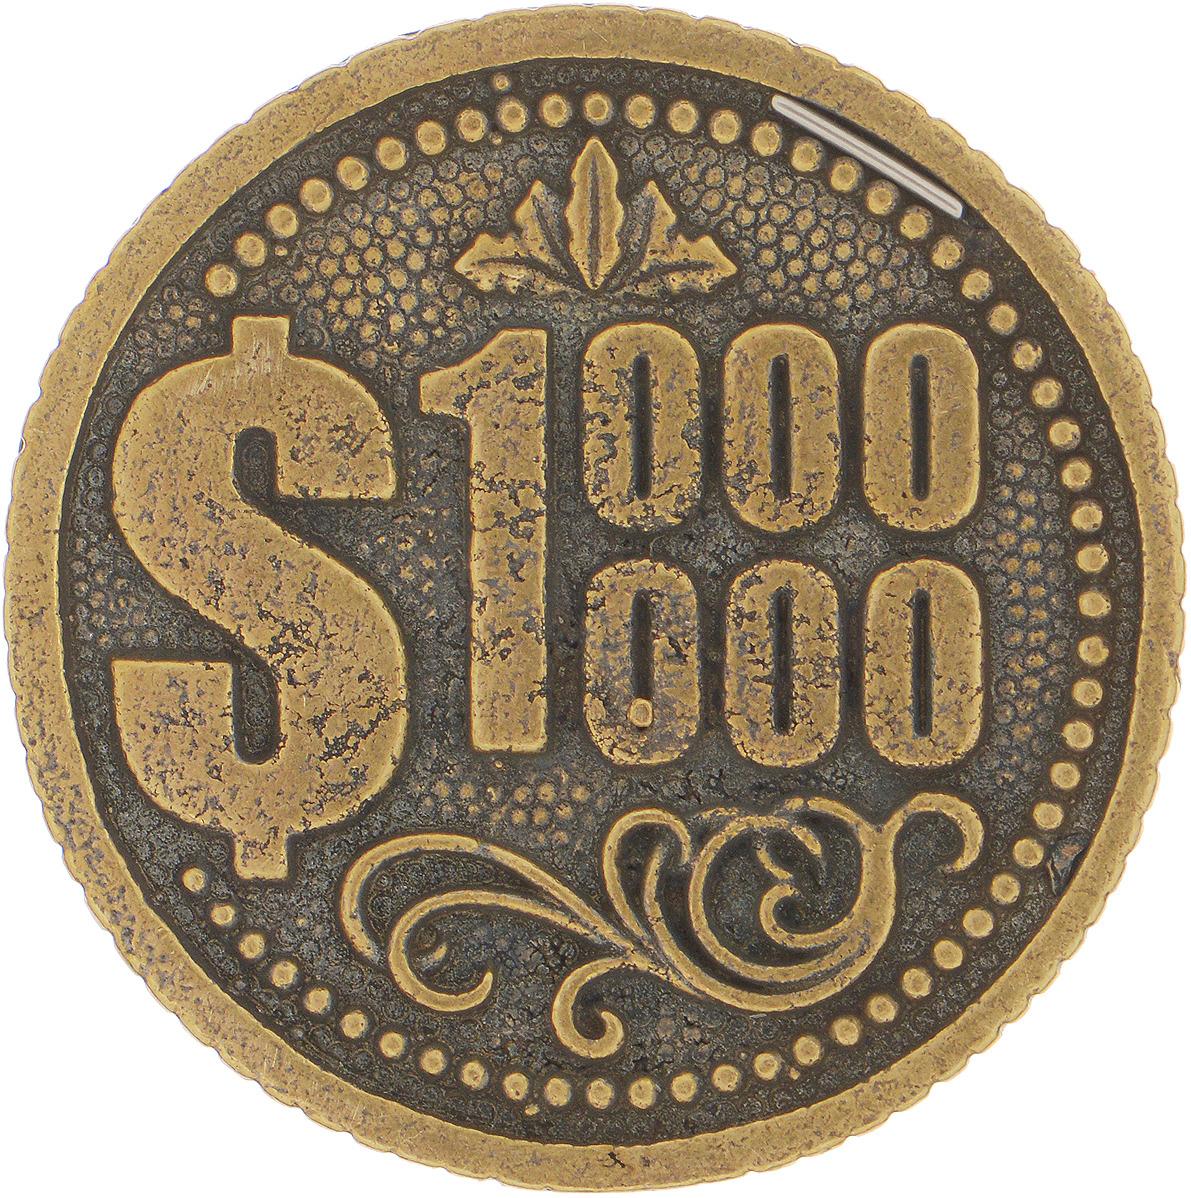 Денежный сувенир Miland Монета Миллион долларов, Т-3704, золотойТ-3704Представленные монеты, амулеты и обереги будут оберегать вас в сложных ситуациях и помогать в делах.